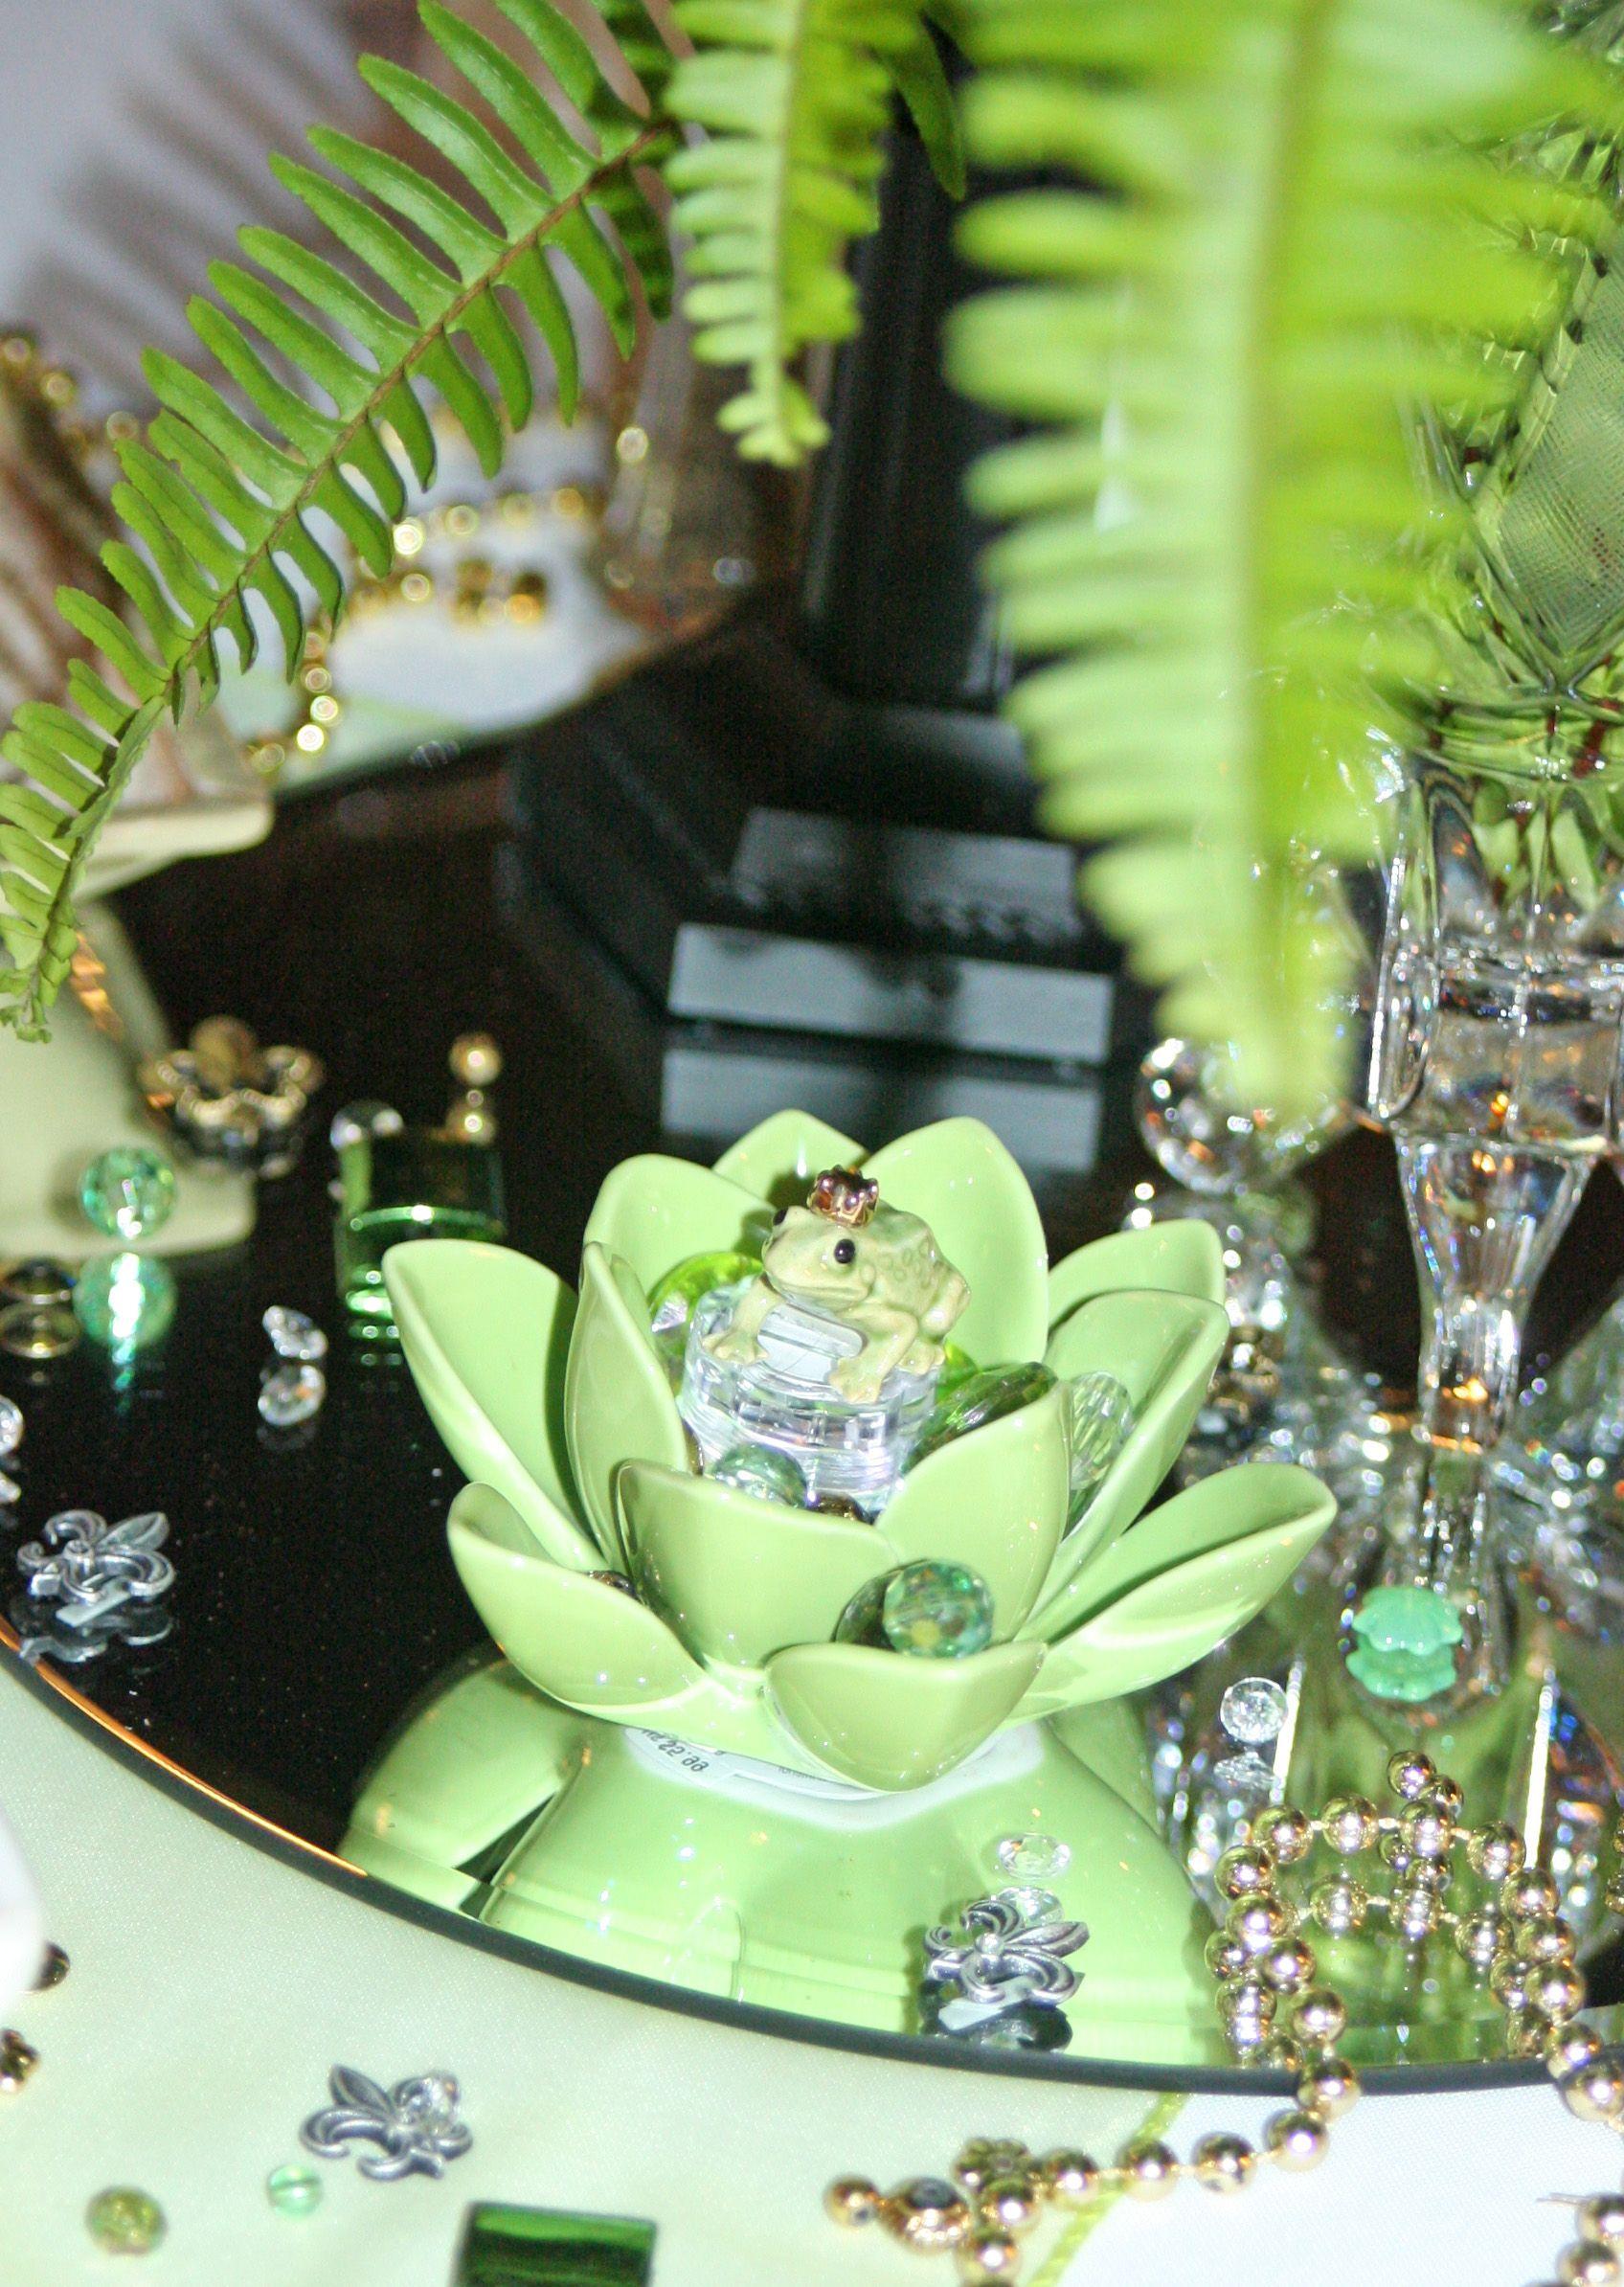 Princess and the Frog Centerpiece - Frog upclose | Disney Princess ...